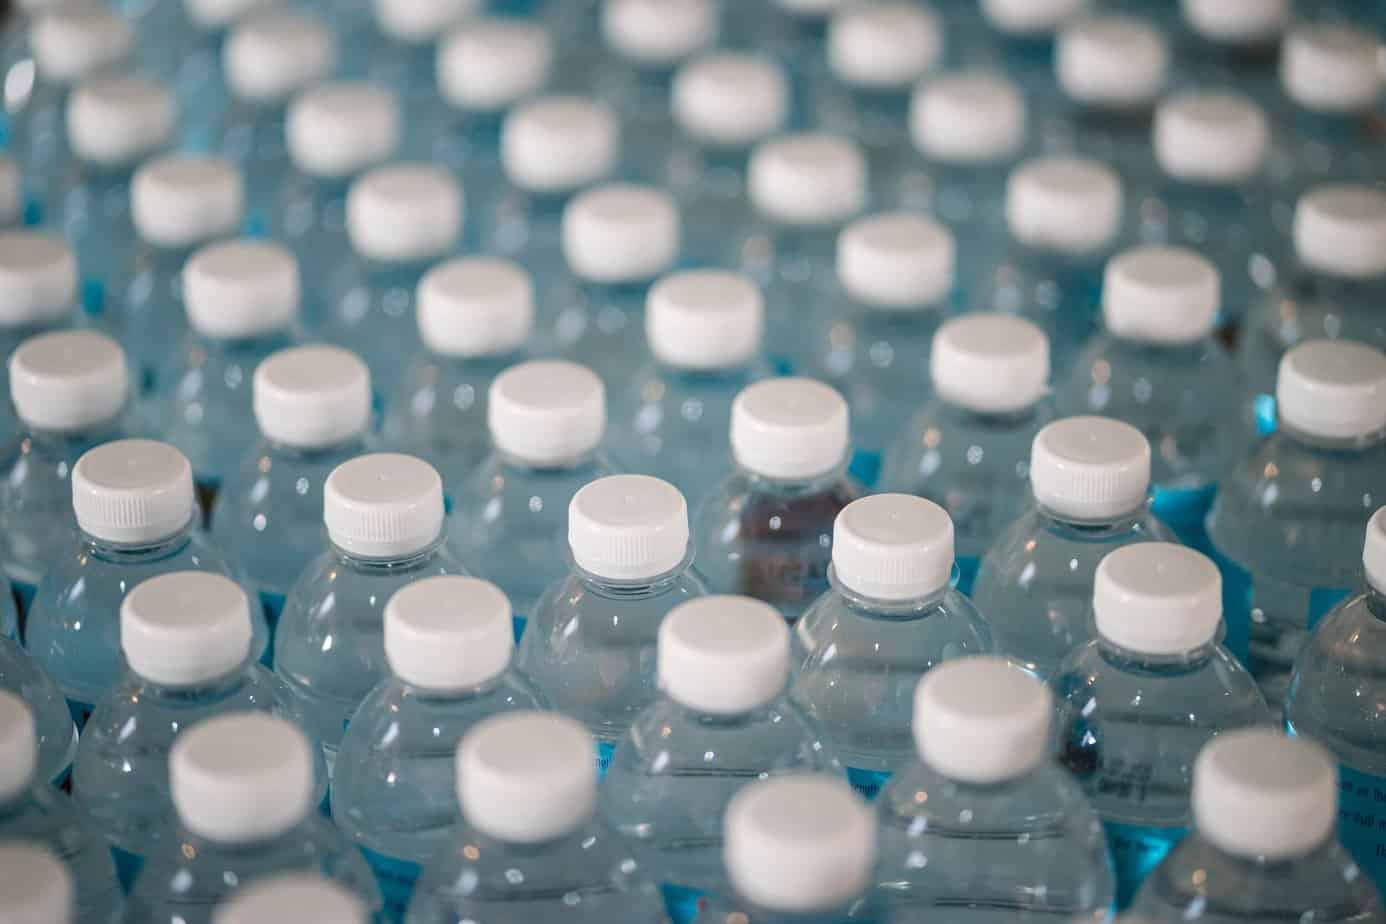 cuban bottled water scam